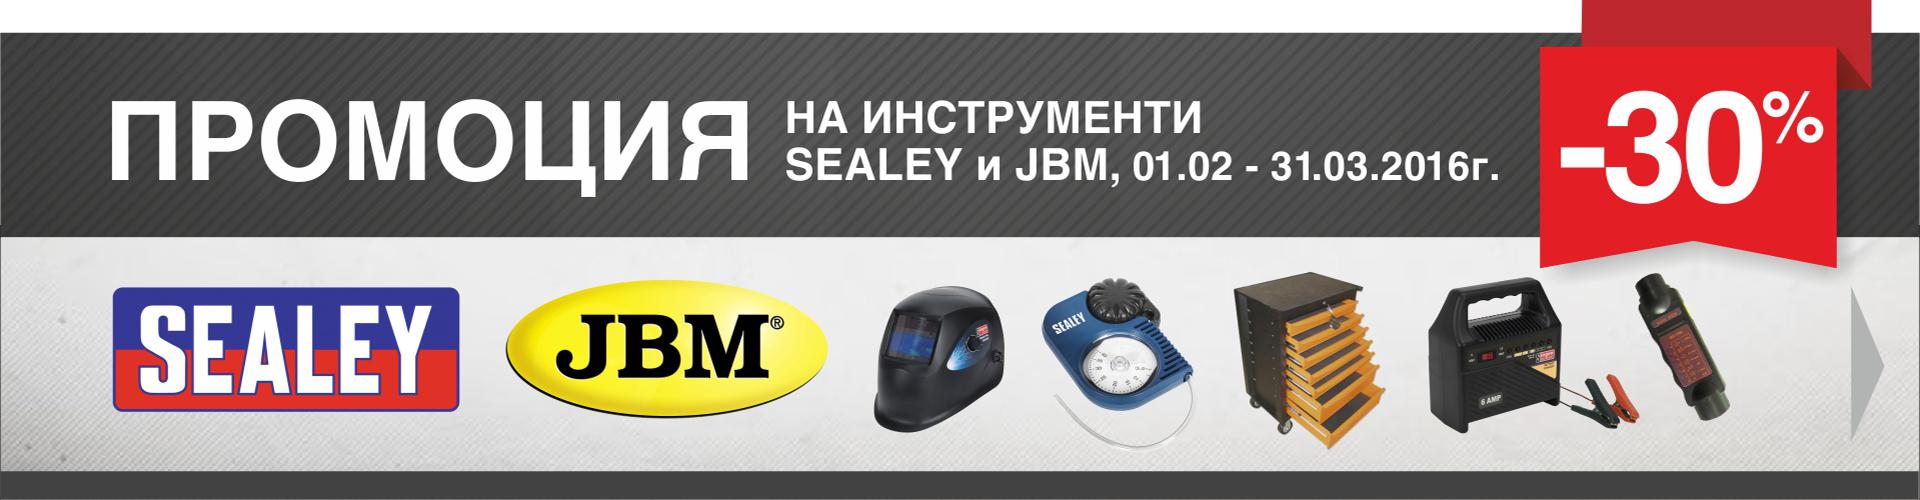 fevruari_mart_jbm_sealey_2016_banner_new.jpg